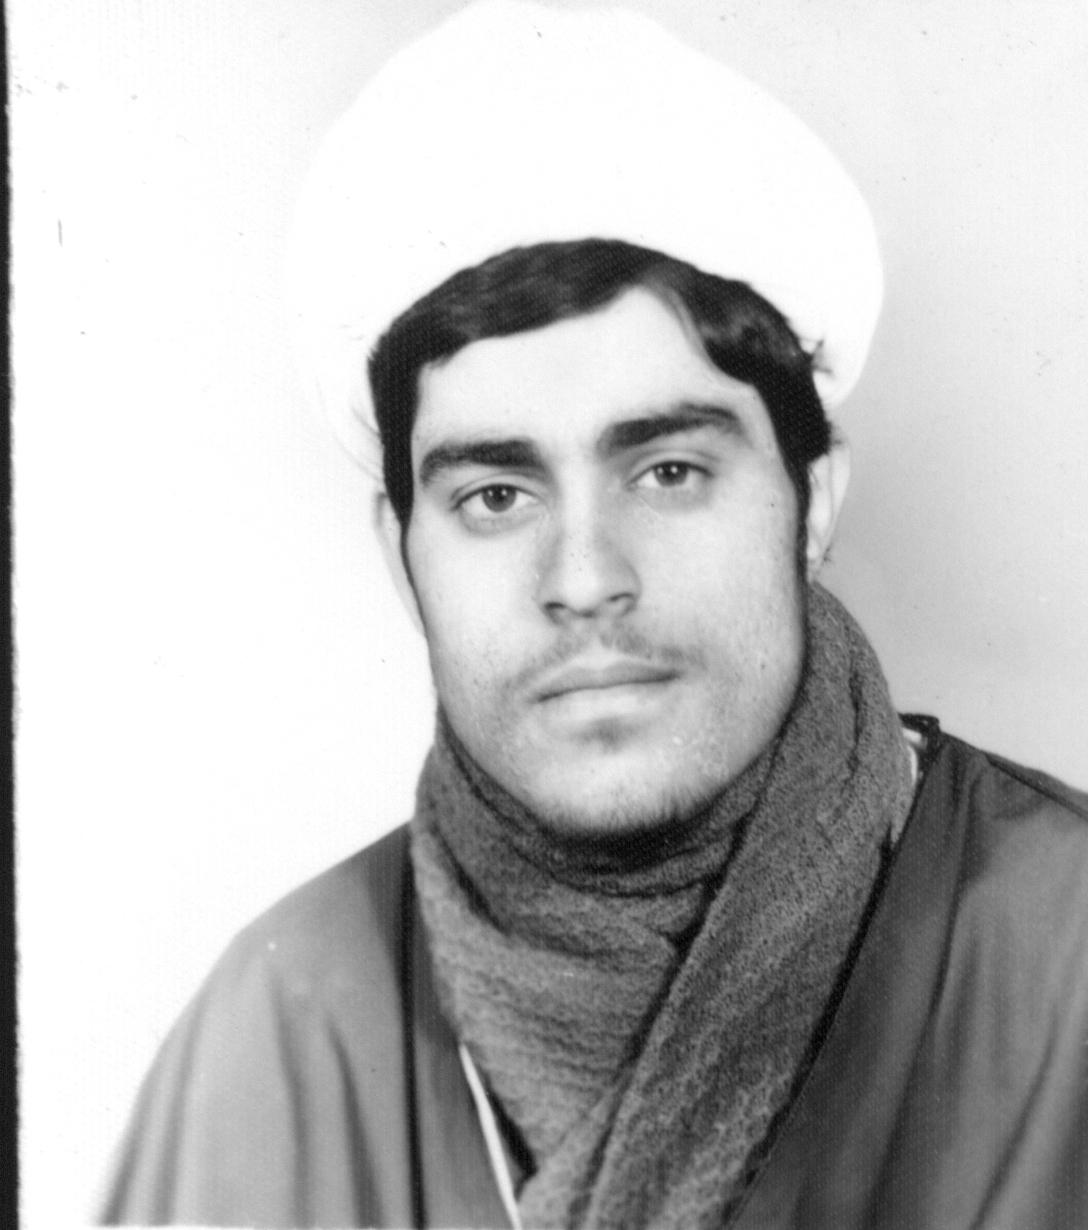 محمدجواد حمزه ای بیدگلی